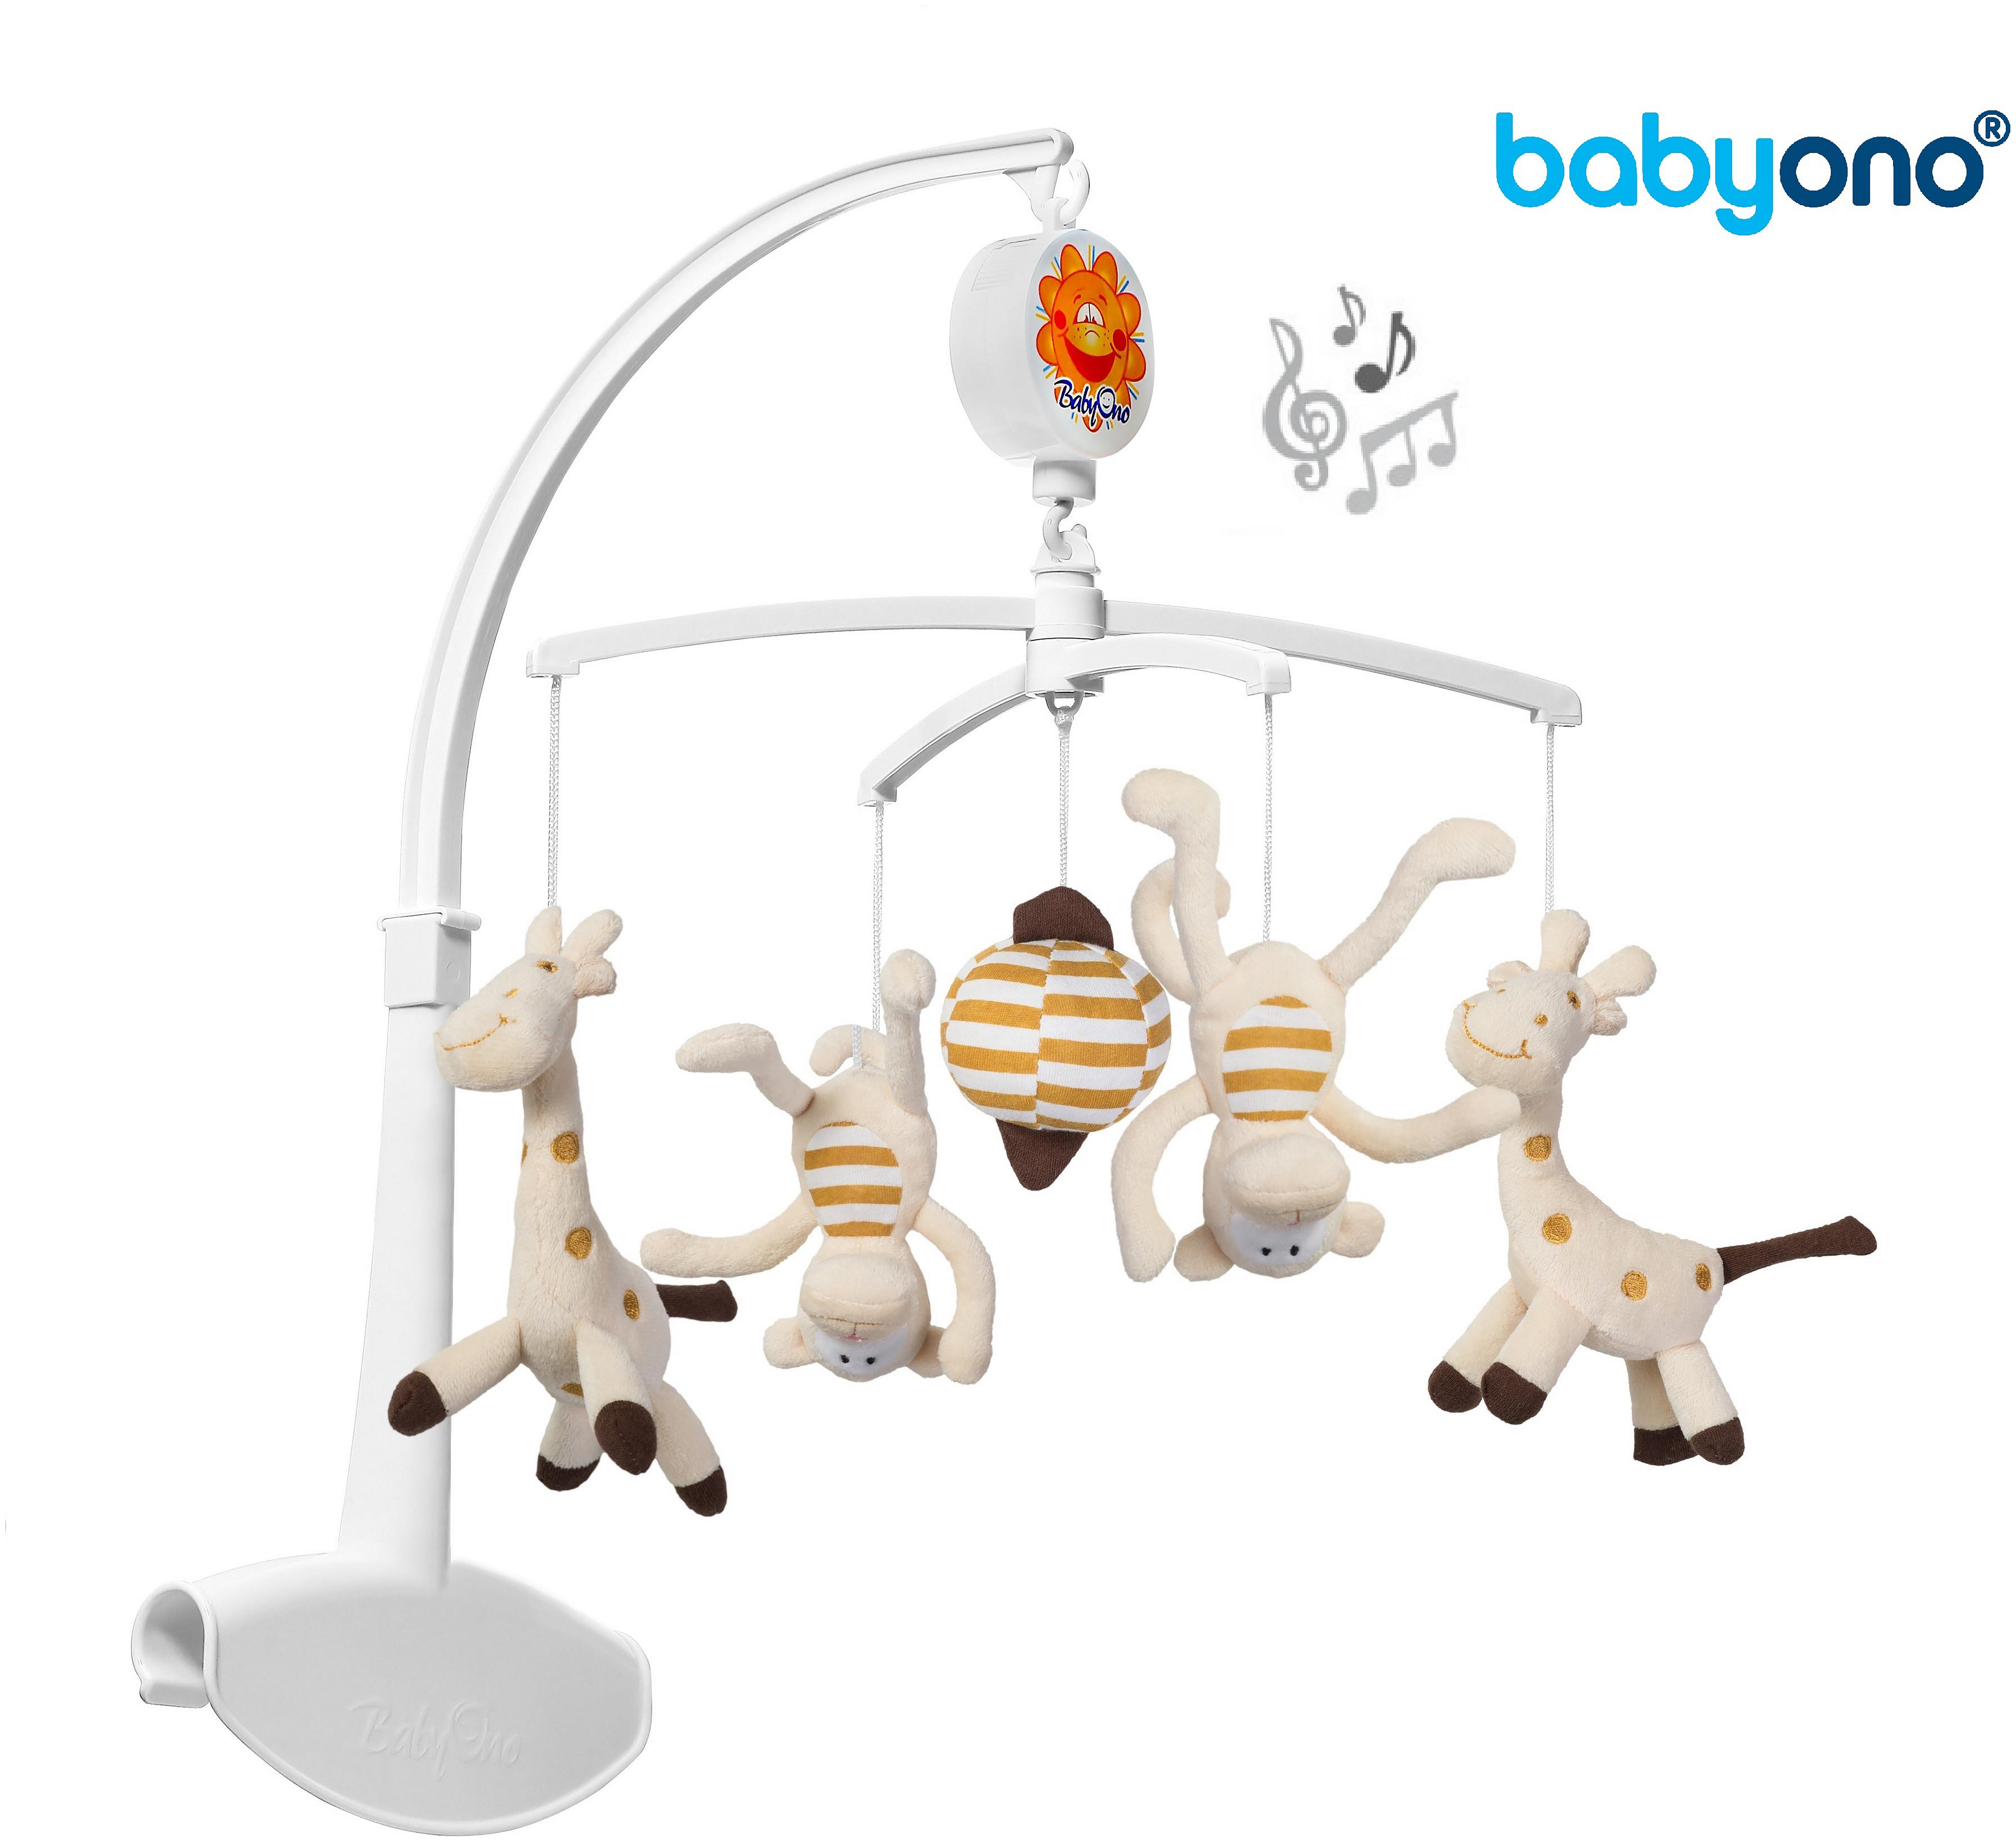 Baby Ono Universal Baby Cot Bed Mobile - Giraffe & Monkeys